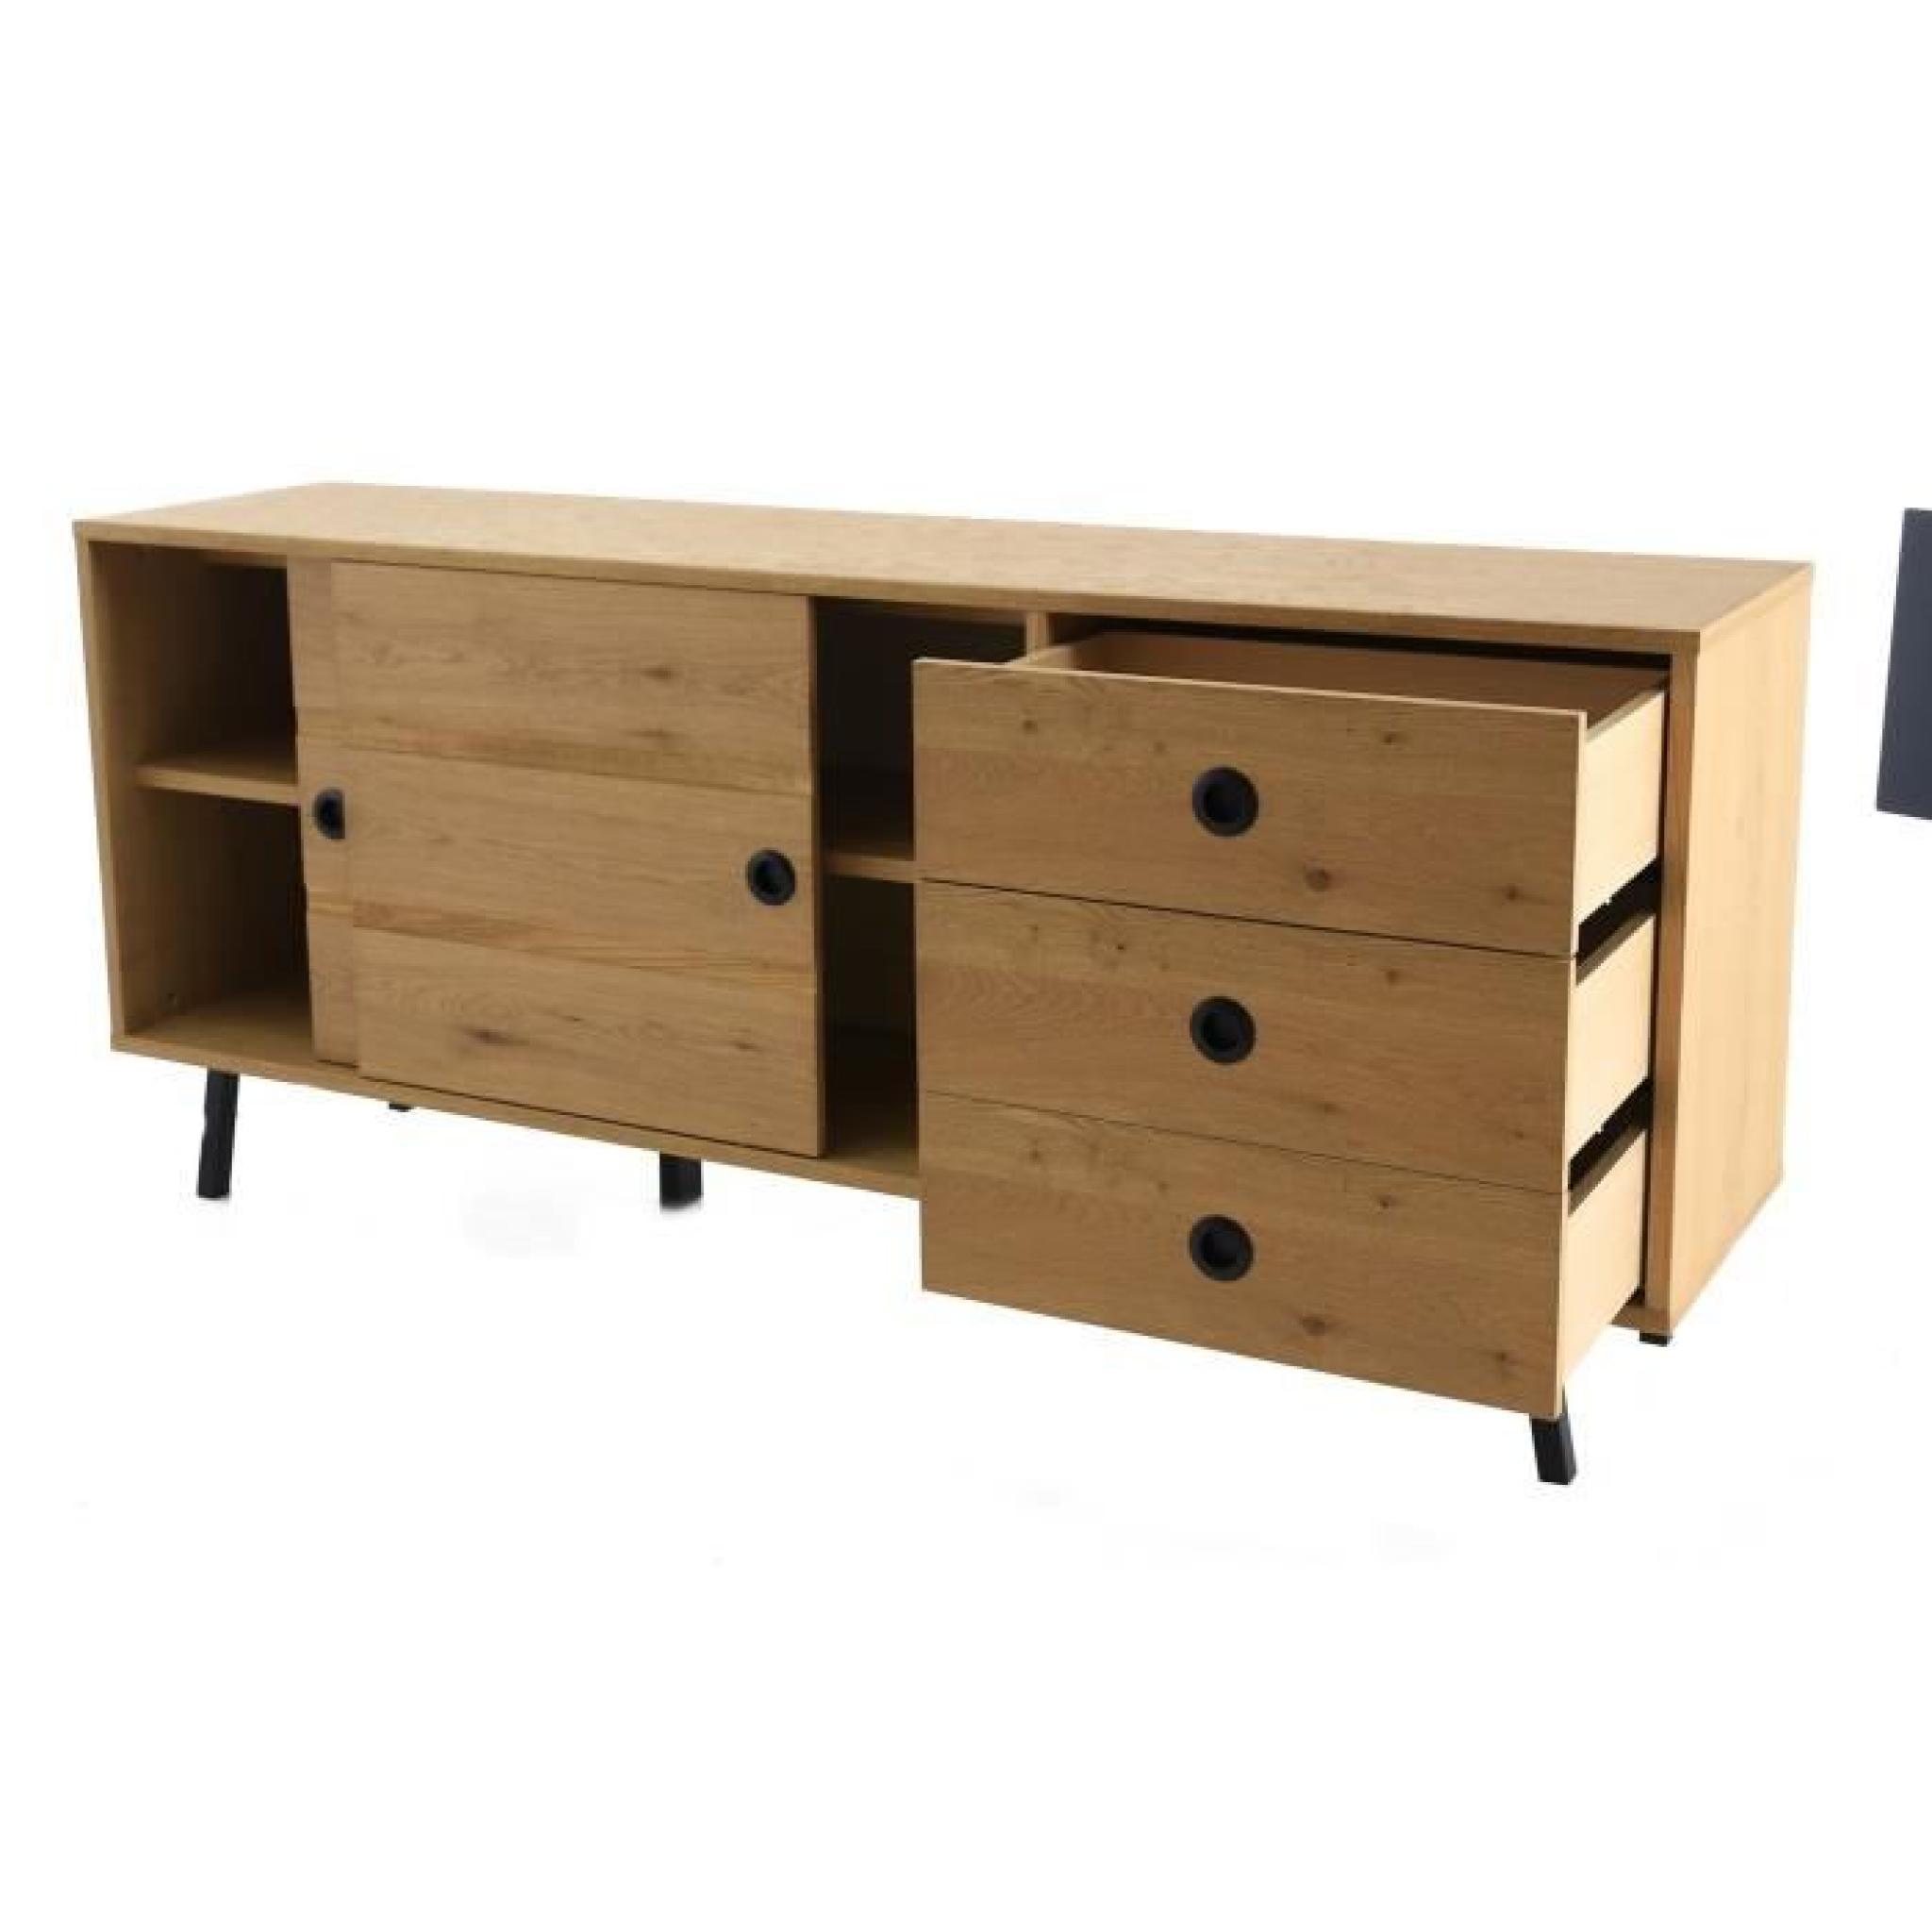 norway meuble buffet bas 2 portes coulissantes et 3 tiroirs achat vente buffet pas cher. Black Bedroom Furniture Sets. Home Design Ideas